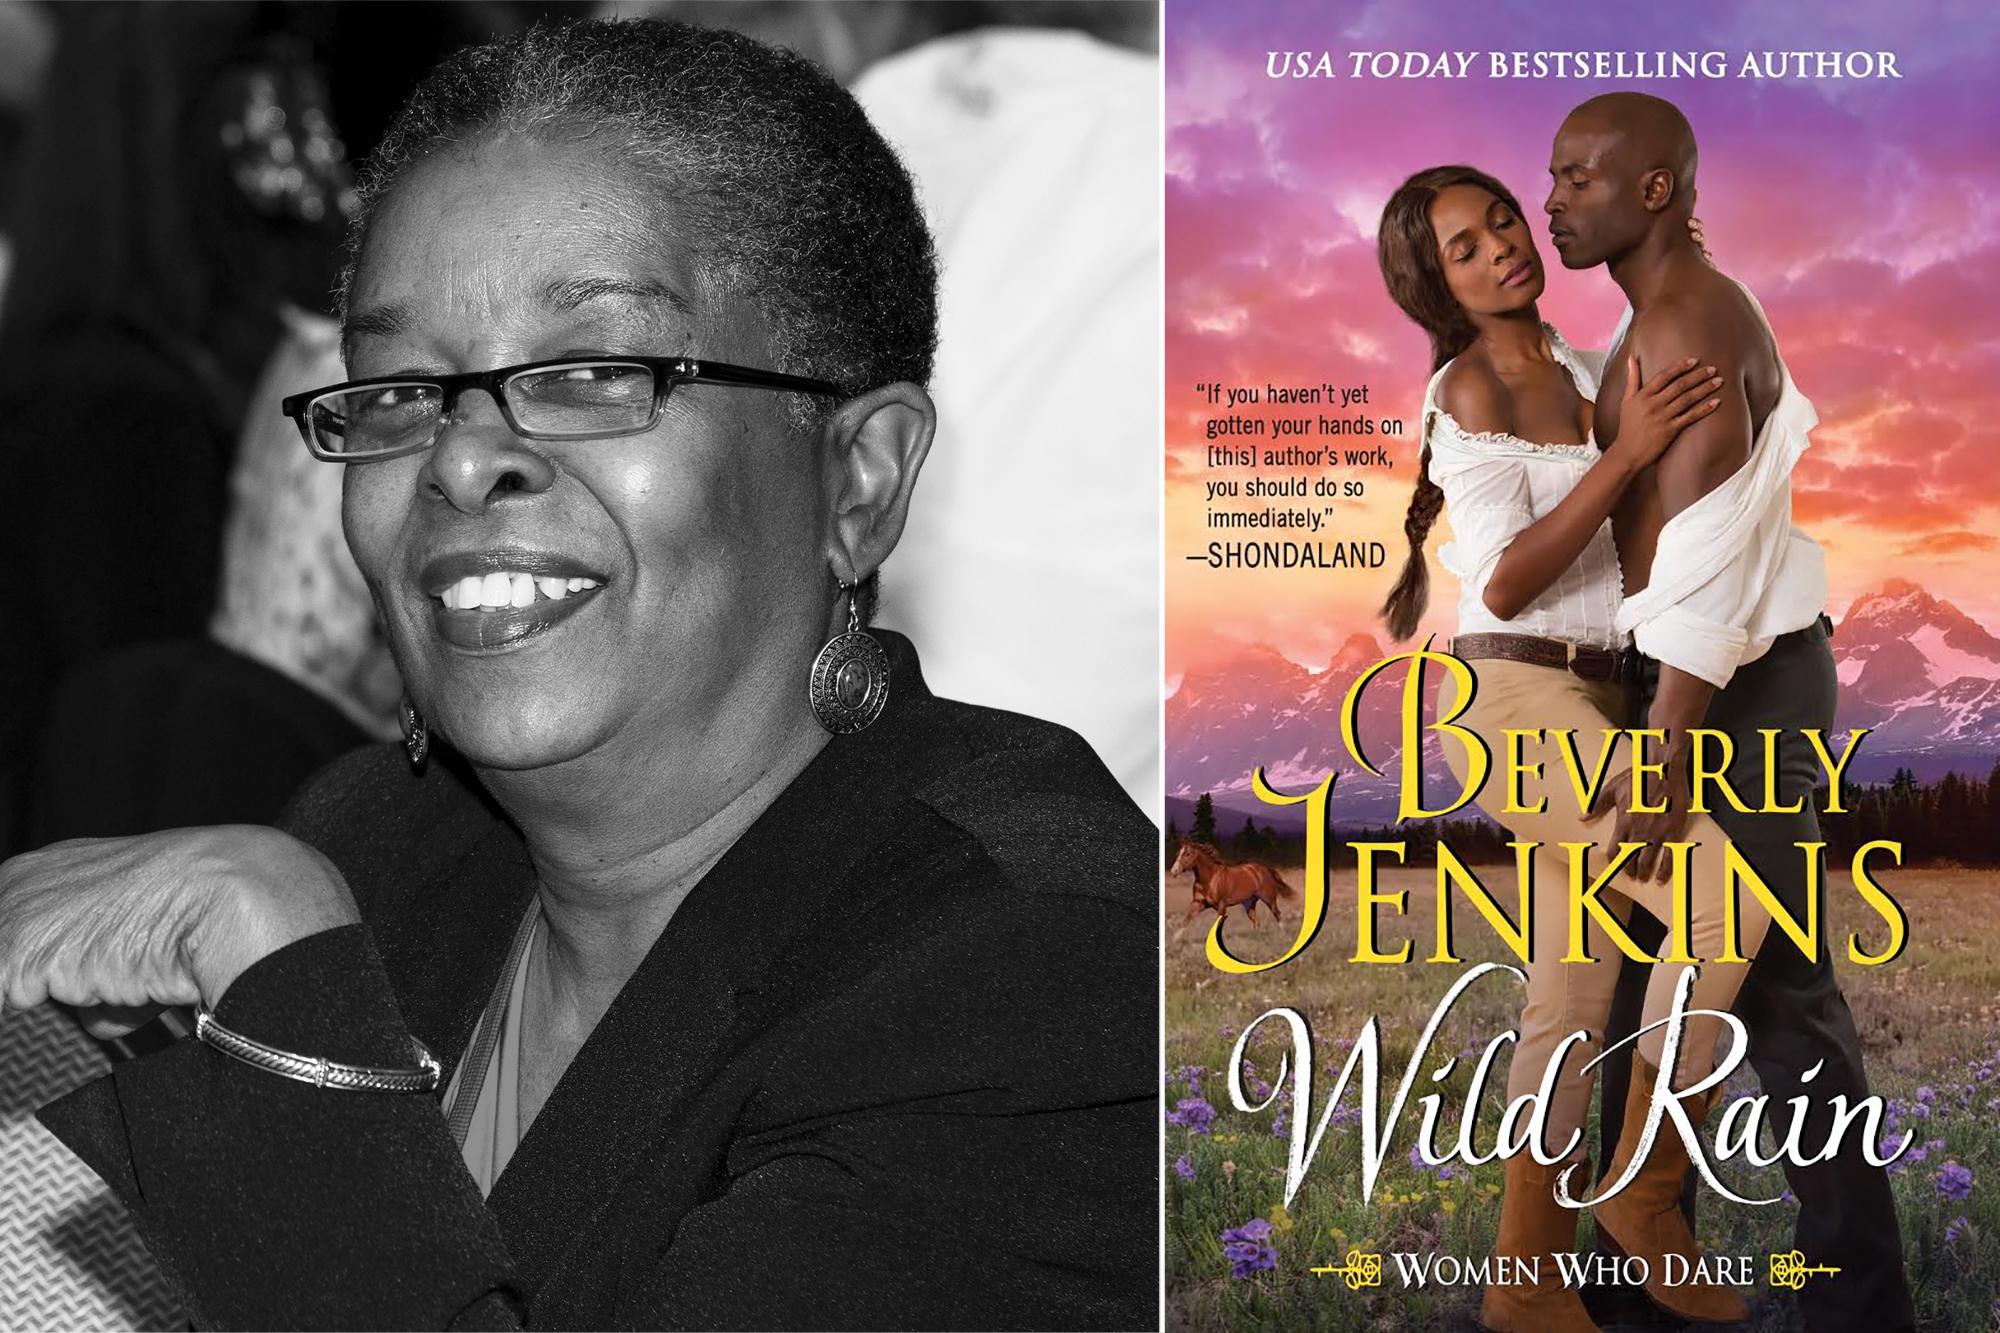 Beverly Jenkins, Wild Rain